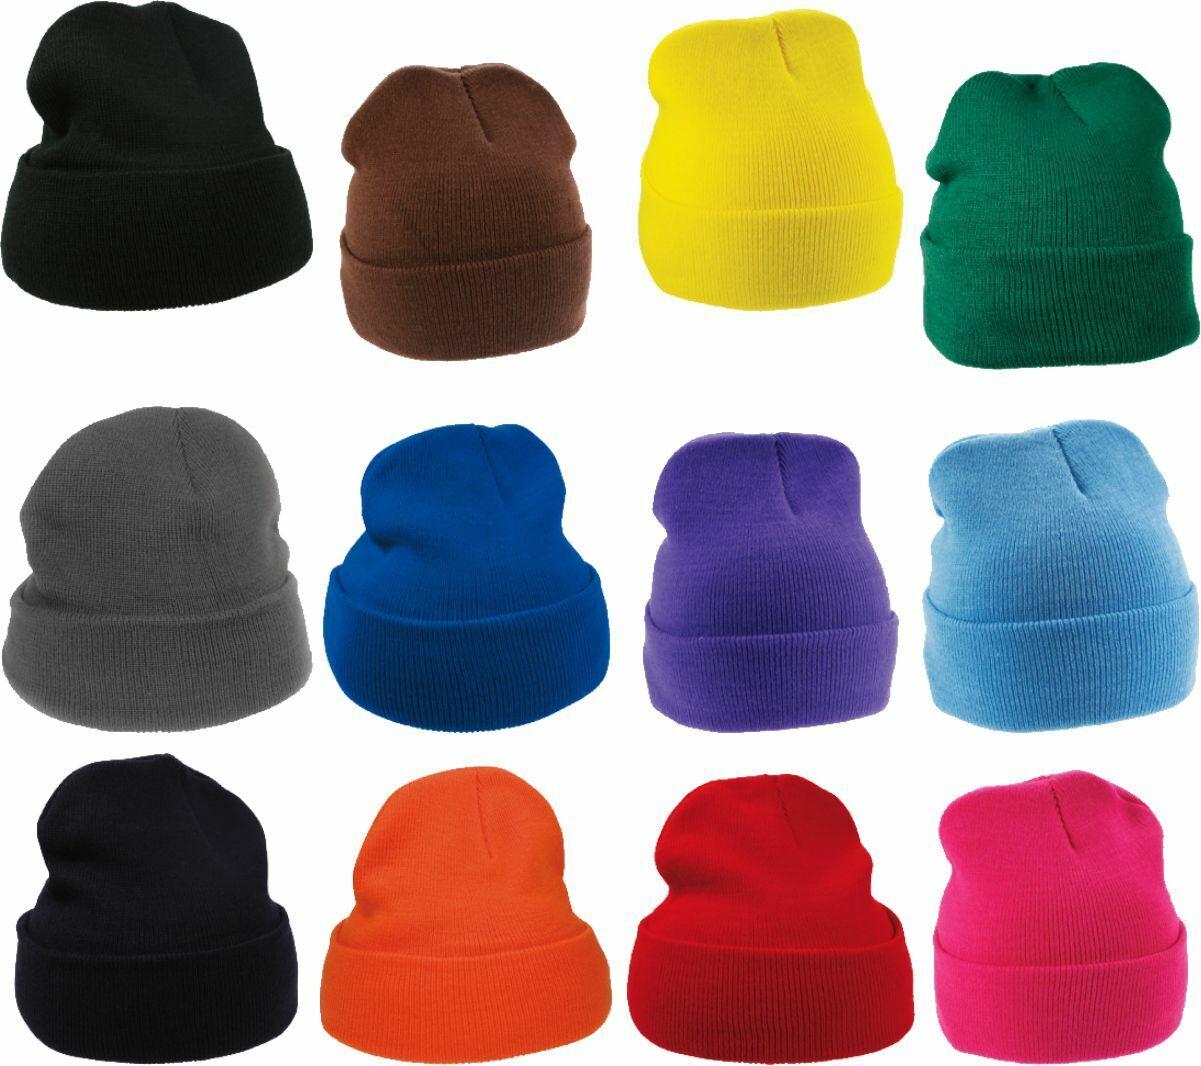 Herren Damen Mütze Wintermütze Cuffed Beanie Skimütze Strickmütze breiter Krempe